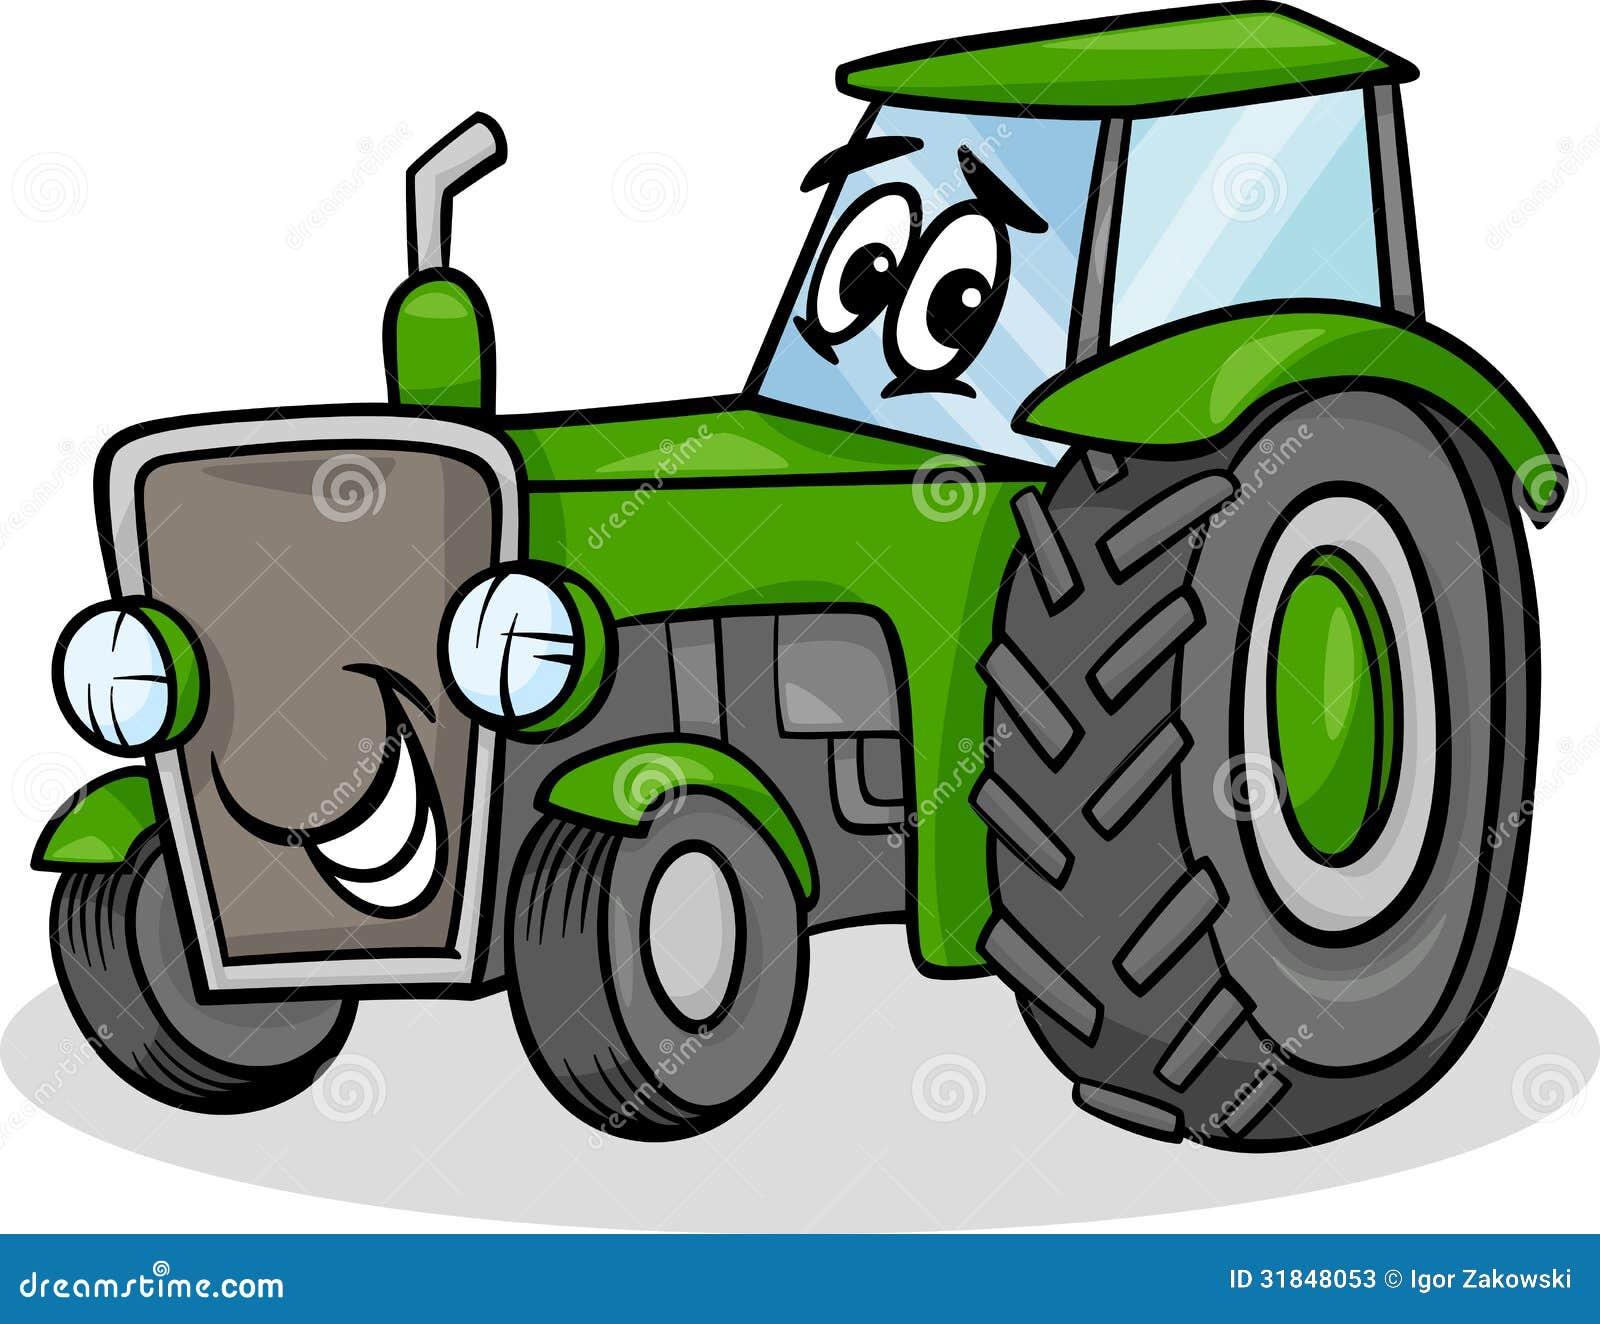 le tracteur porte bien son nom, image drole publiée le 26 Juin 2011